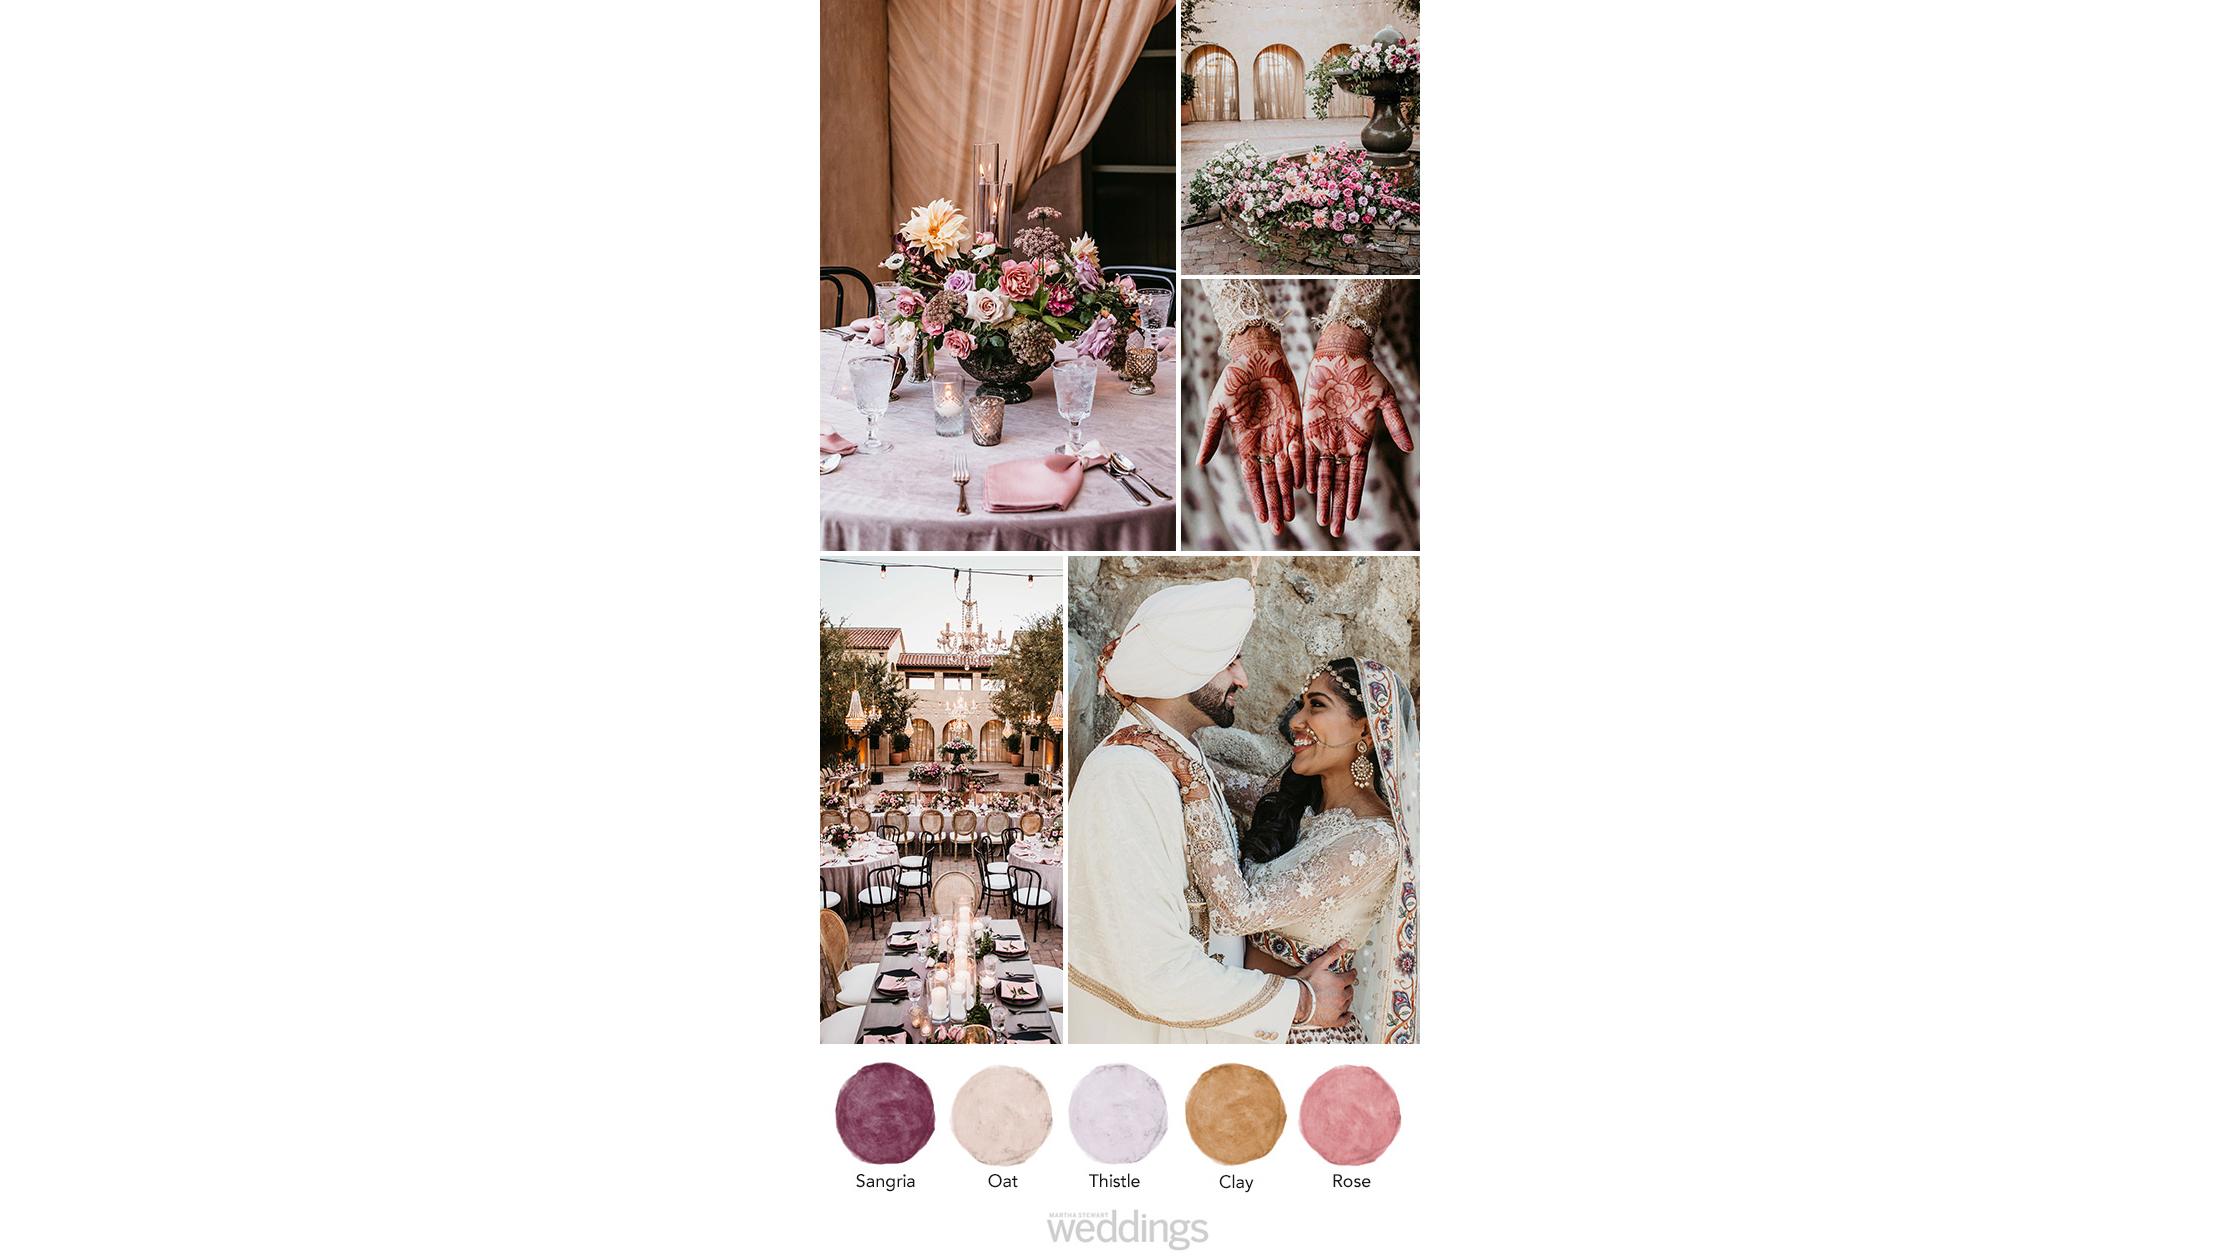 mauve-centric wedding color palette ideas